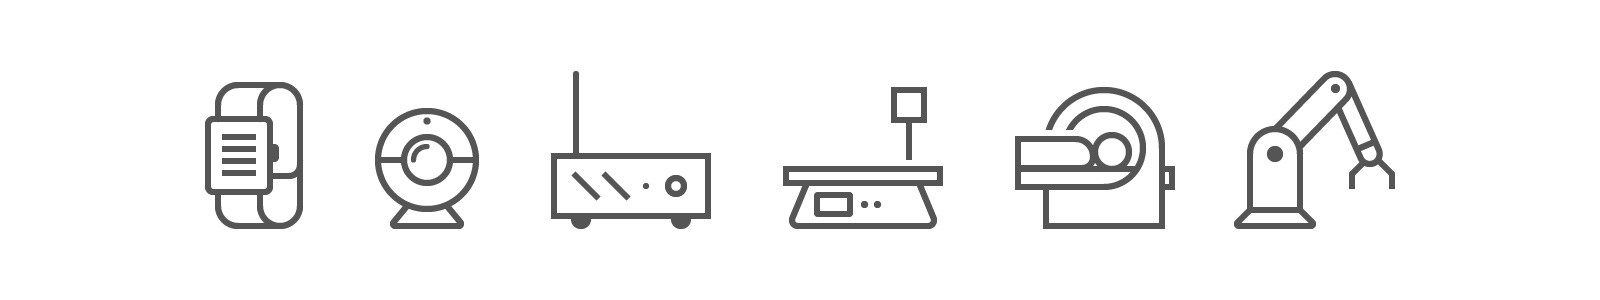 IoT-Geräte